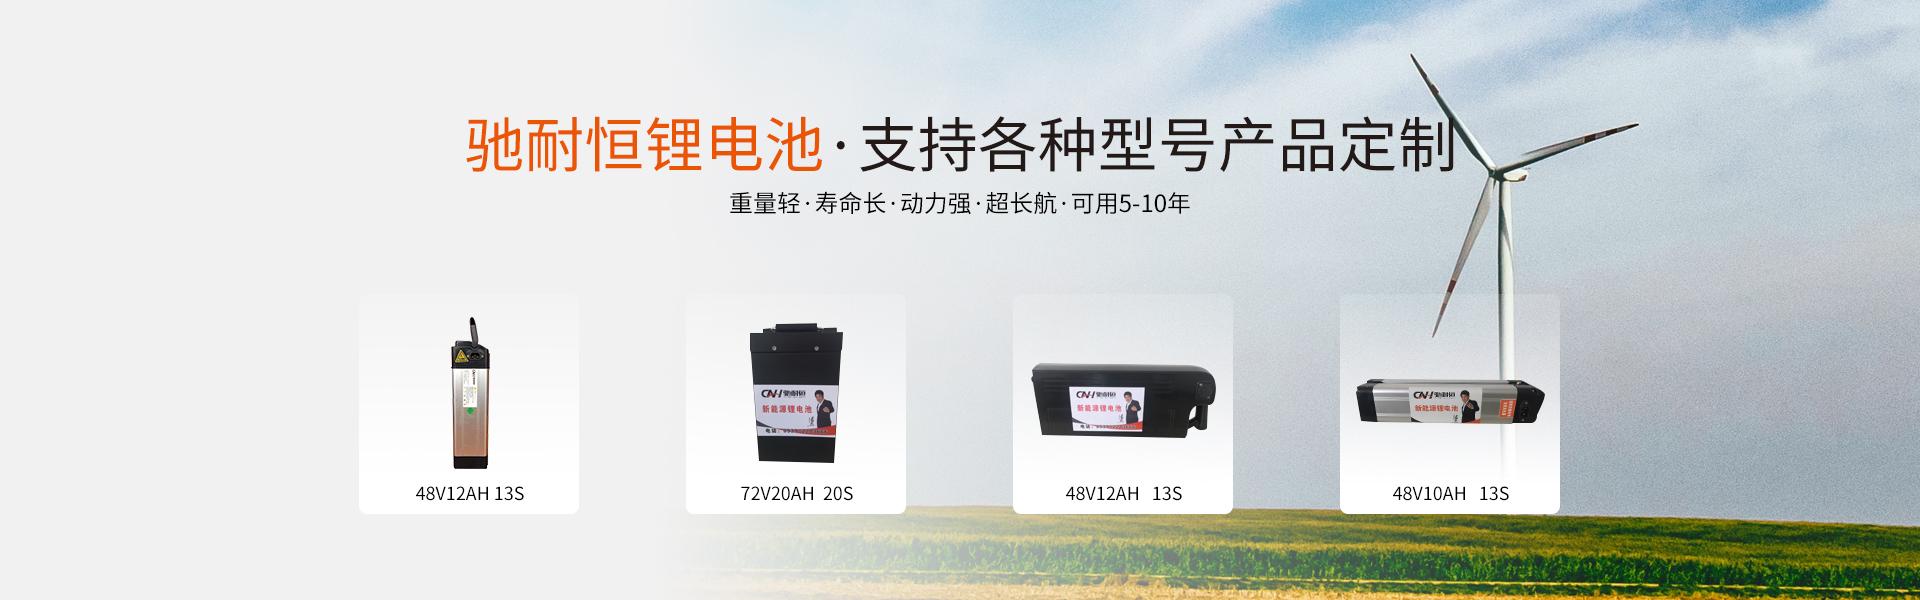 新国标锂电池,锂电池生产厂家,锂电池批发,锂电池